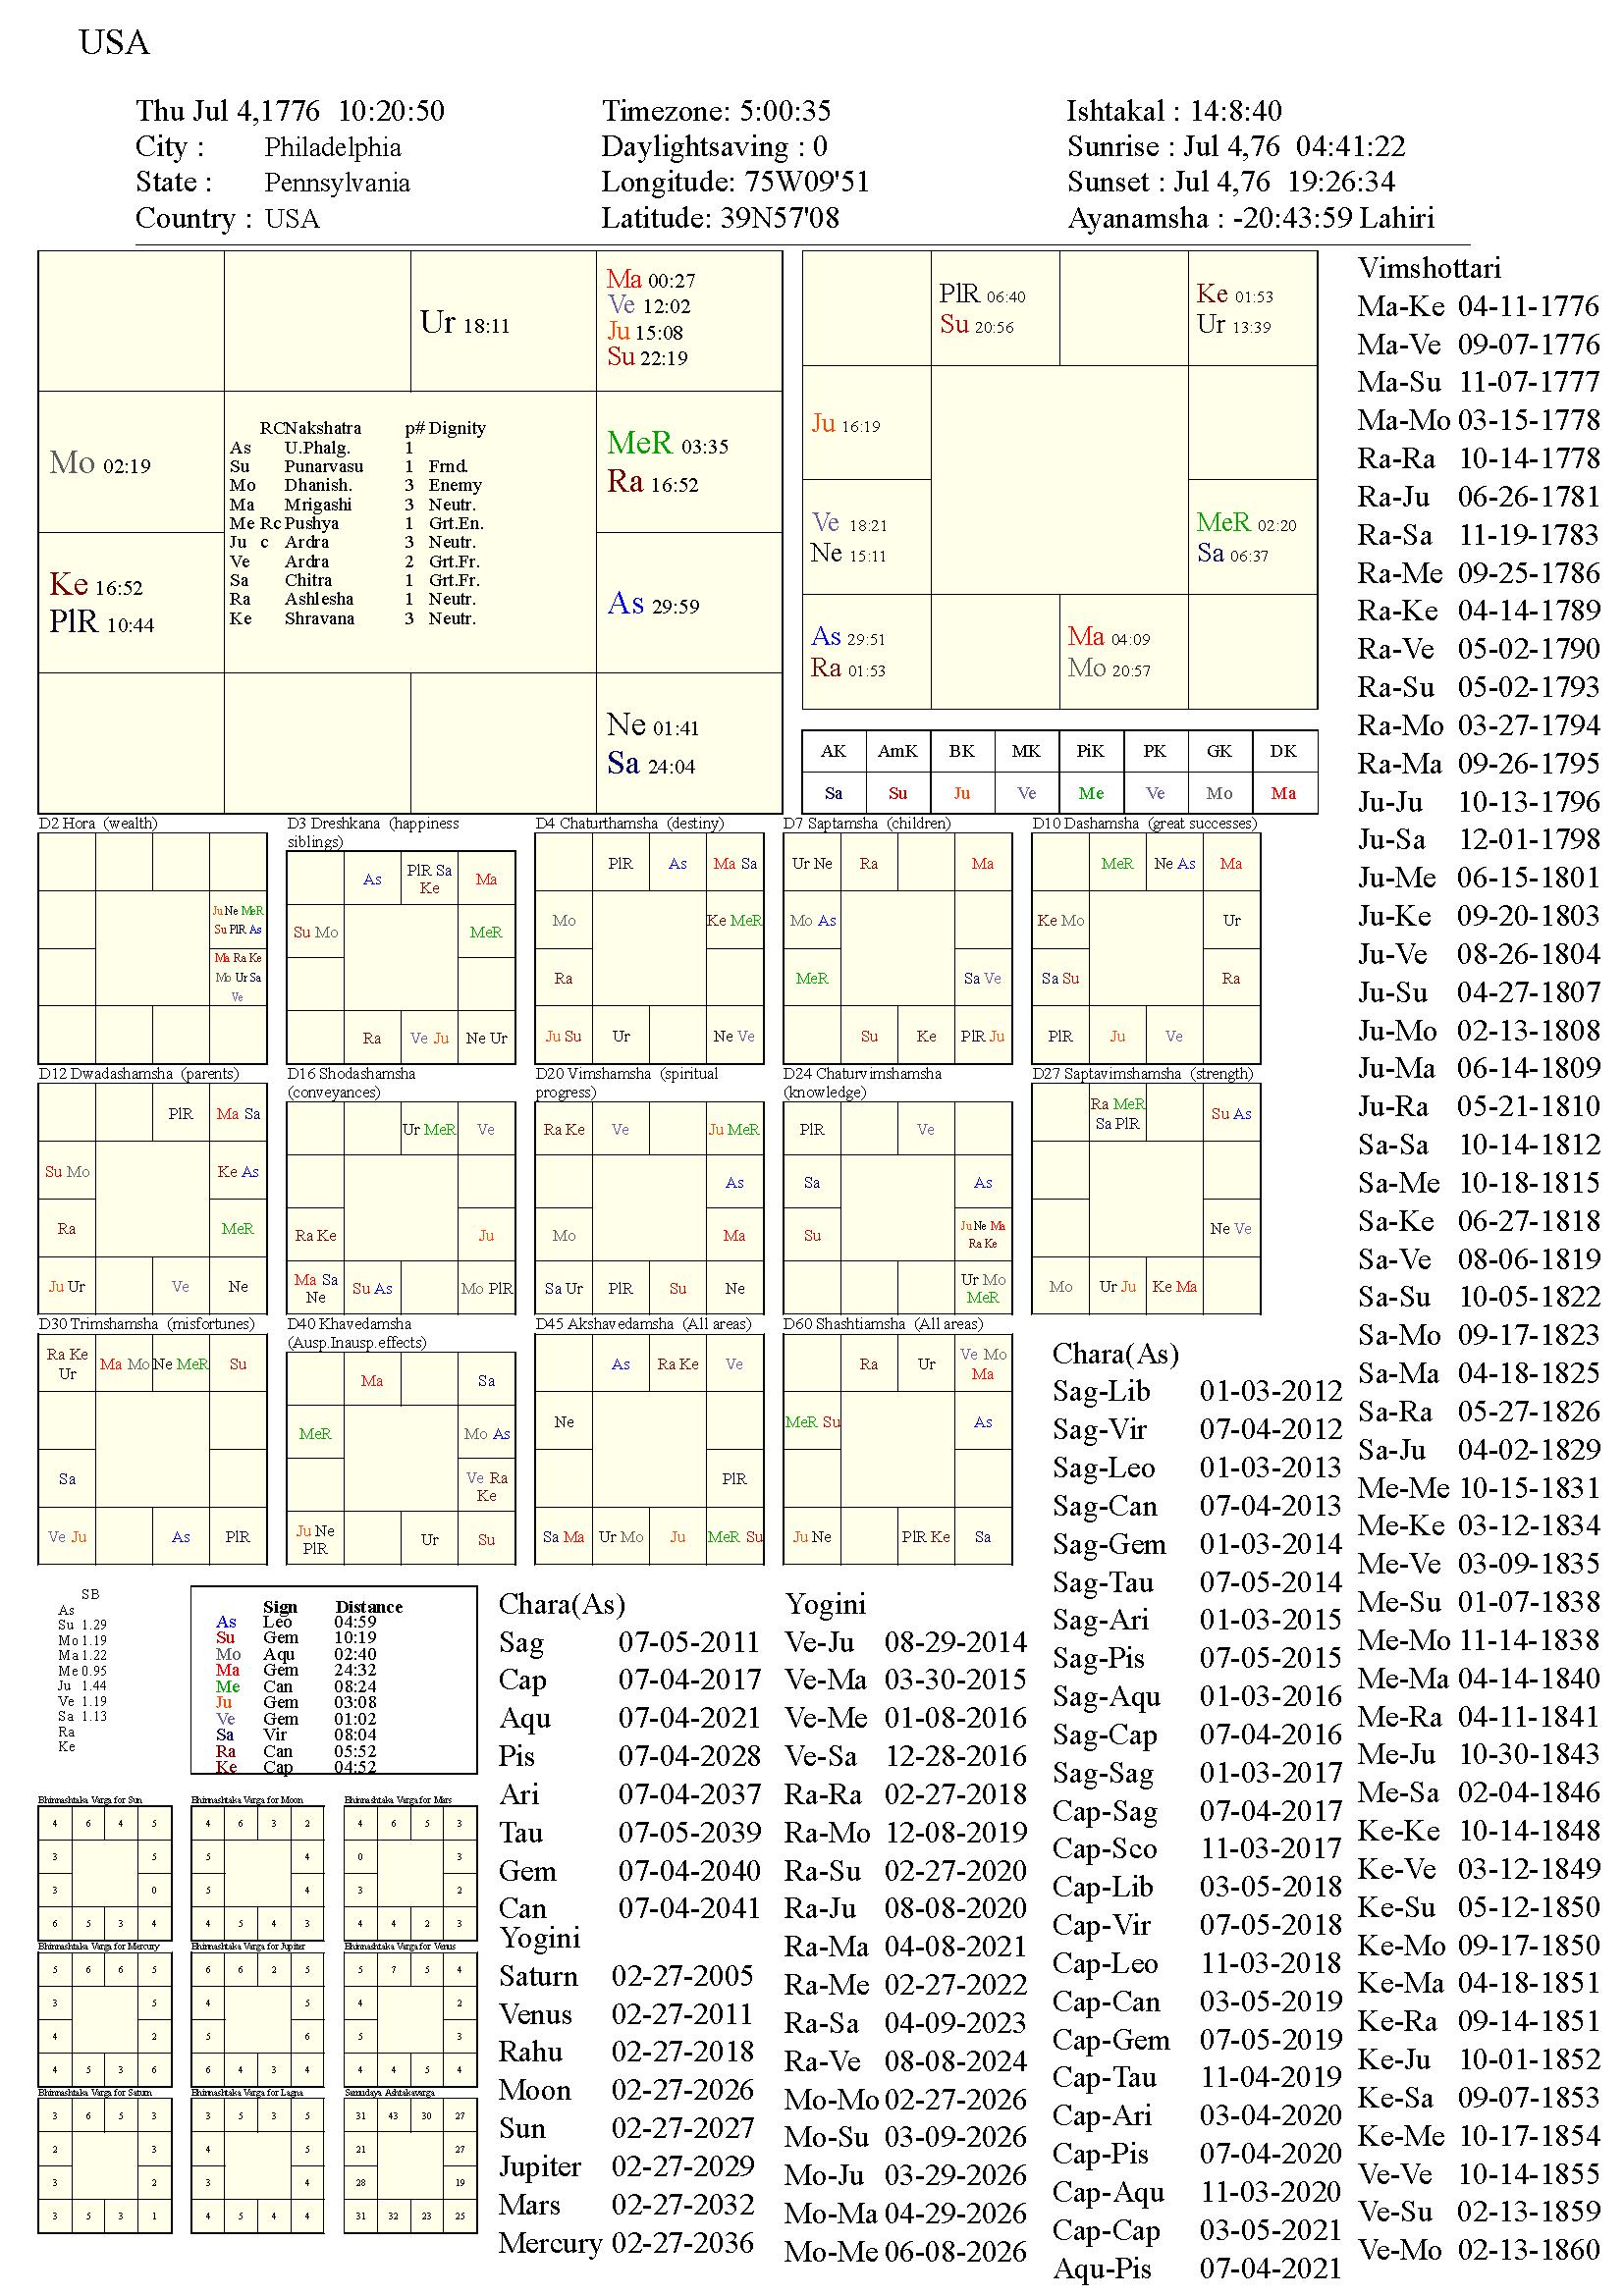 USA_chart